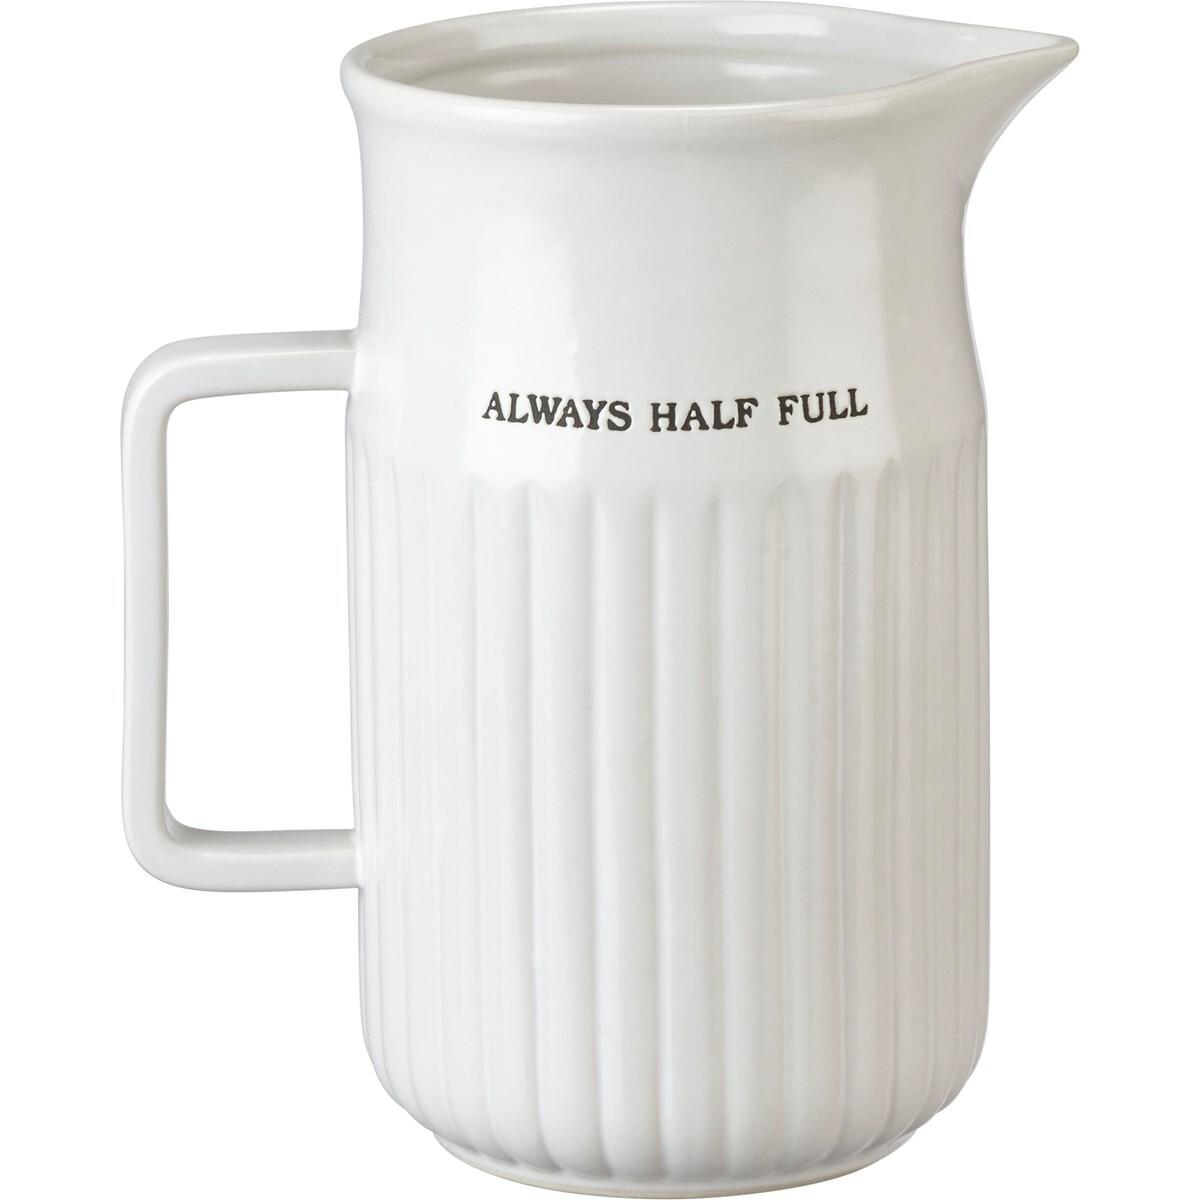 Pitcher - Always Half Full